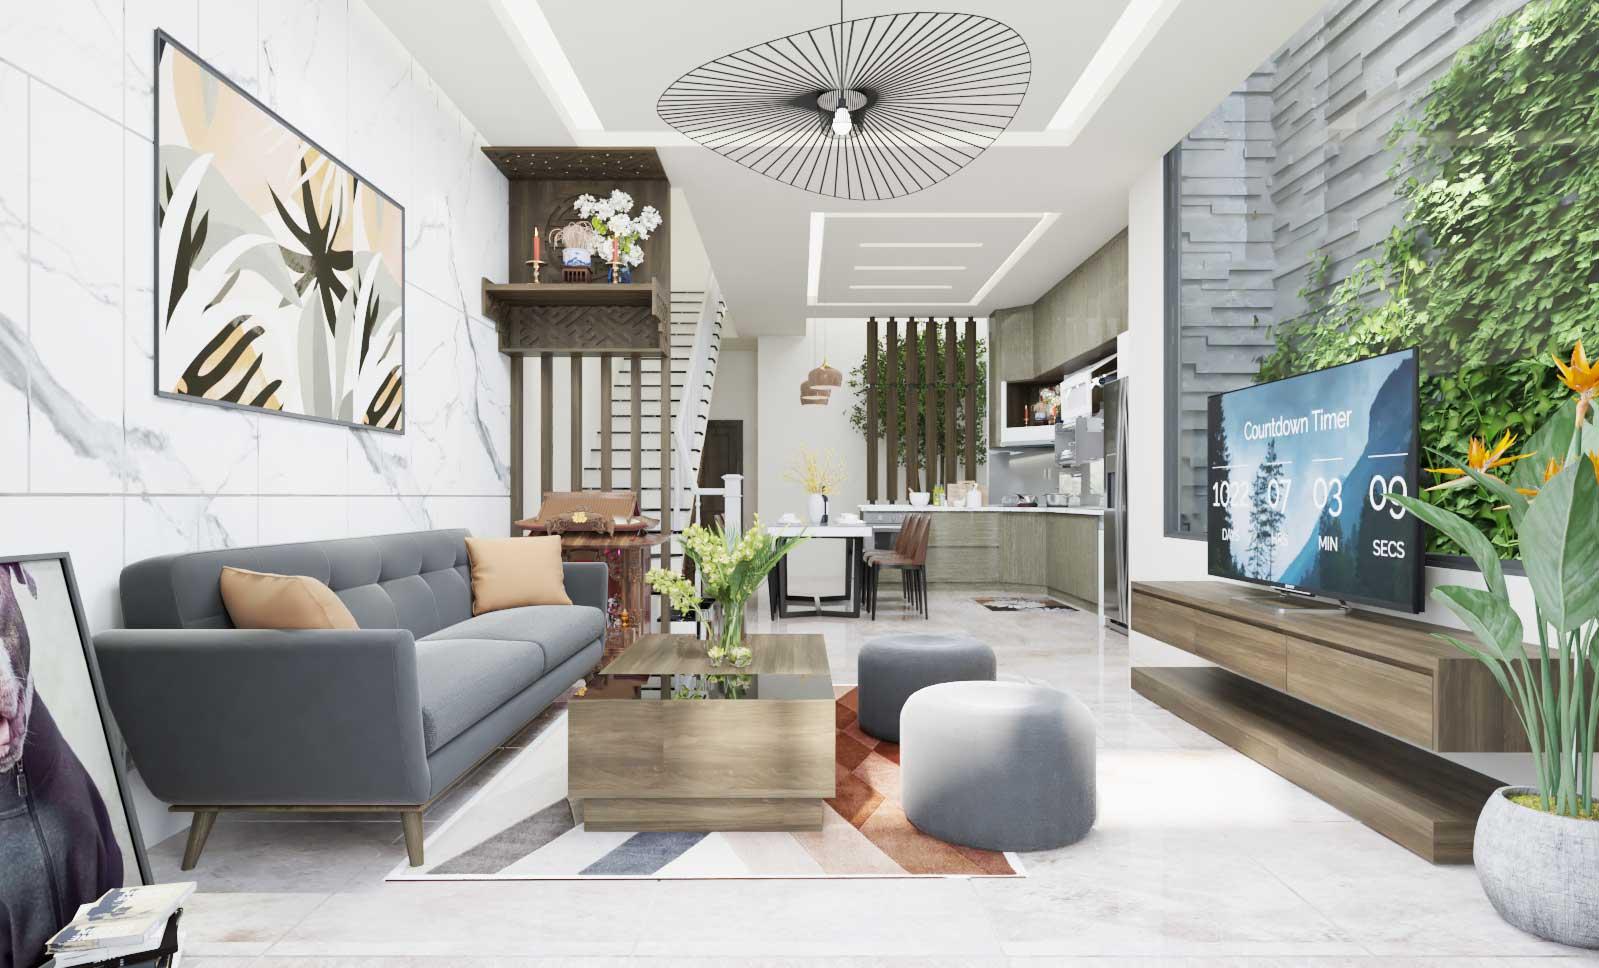 Thiết kế nội thất gần gũi với thiên nhiên